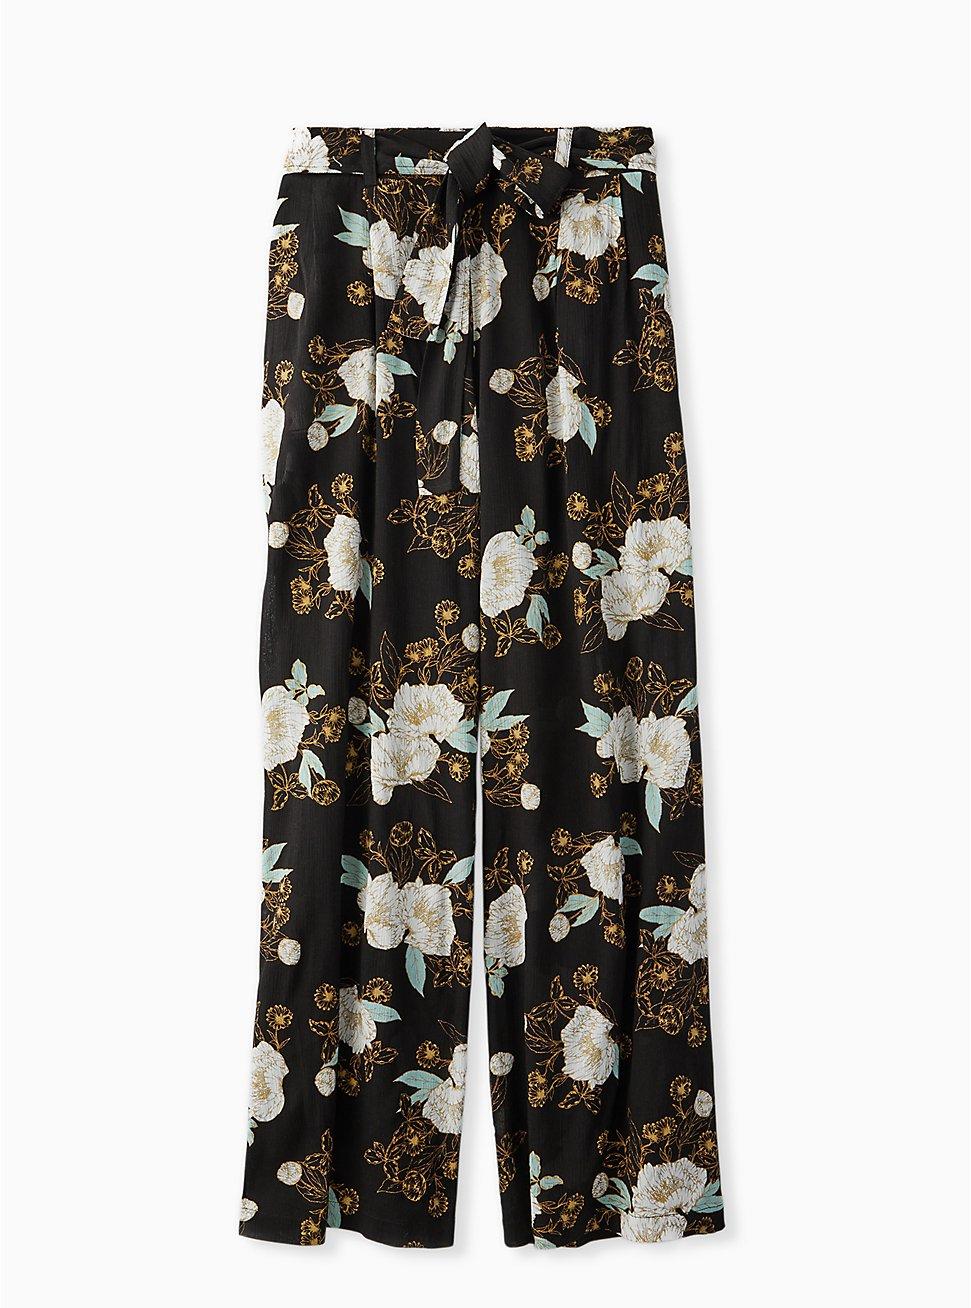 Black Floral Crinkle Gauze Self Tie Wide Leg Pant, FLORAL, hi-res